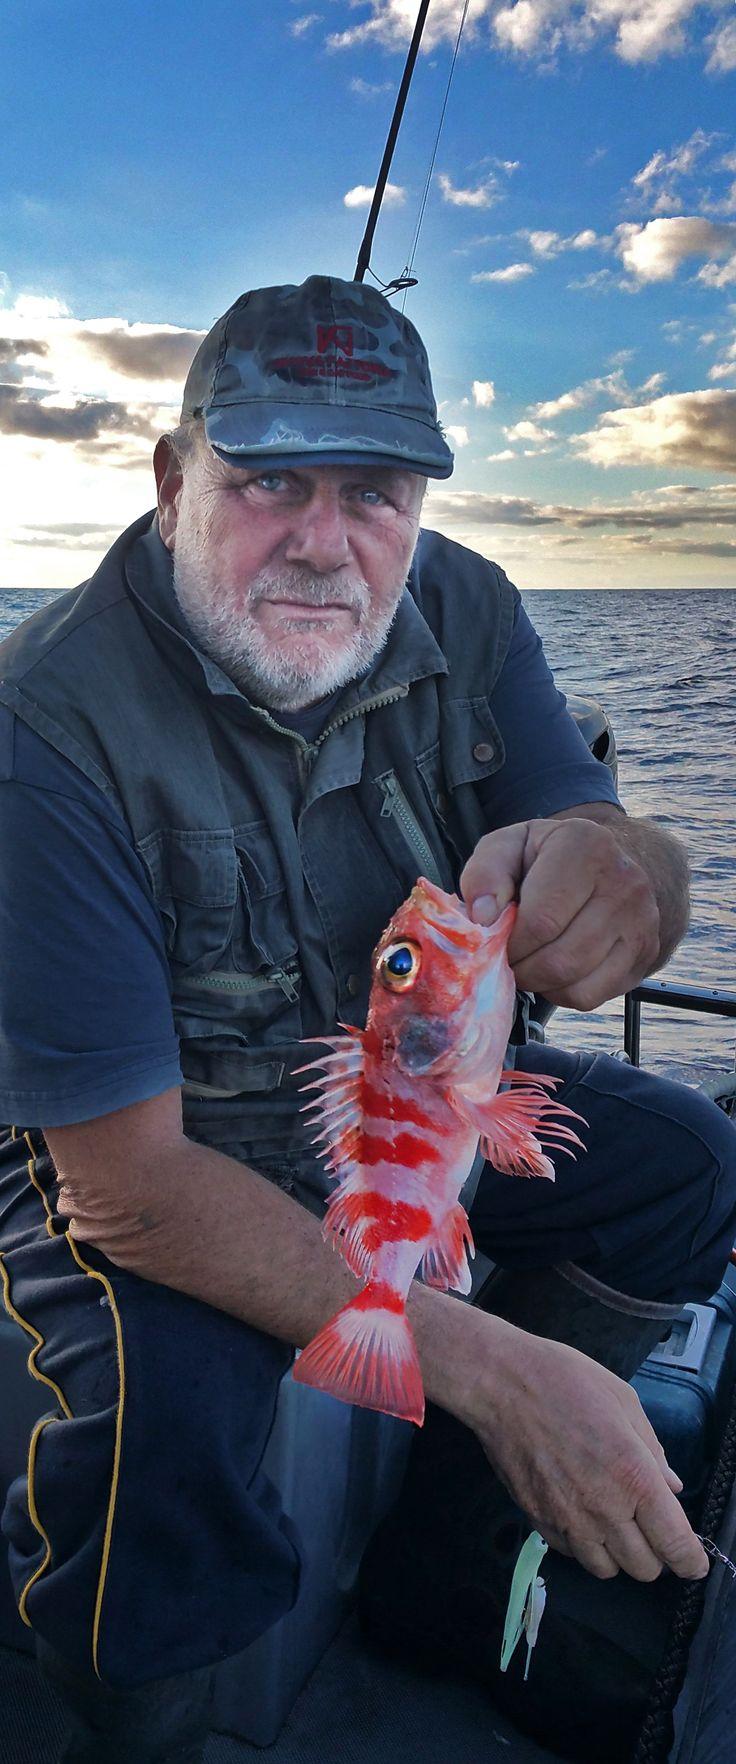 Helicolenus dactylopterus, noto in italiano come scorfano di fondale, è un pesce osseo marino della famiglia Sebastidae.  Ettore e gli scorfani di fondale... #guidofrilli